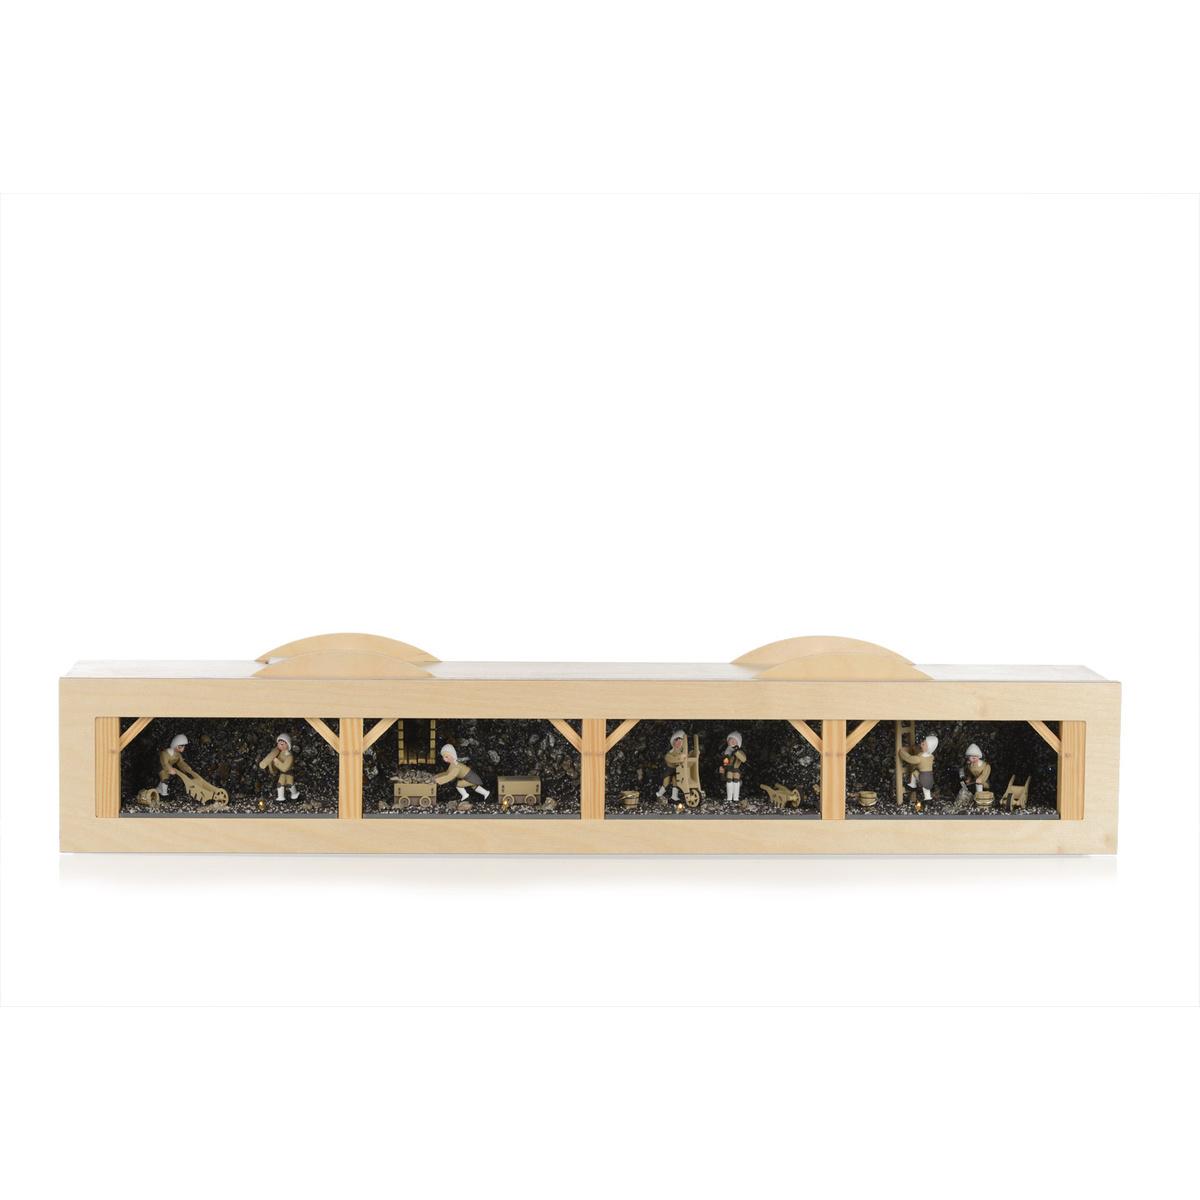 fensterbank schwibbogensockel von klaus kolbe f r 268 4 kaufen. Black Bedroom Furniture Sets. Home Design Ideas